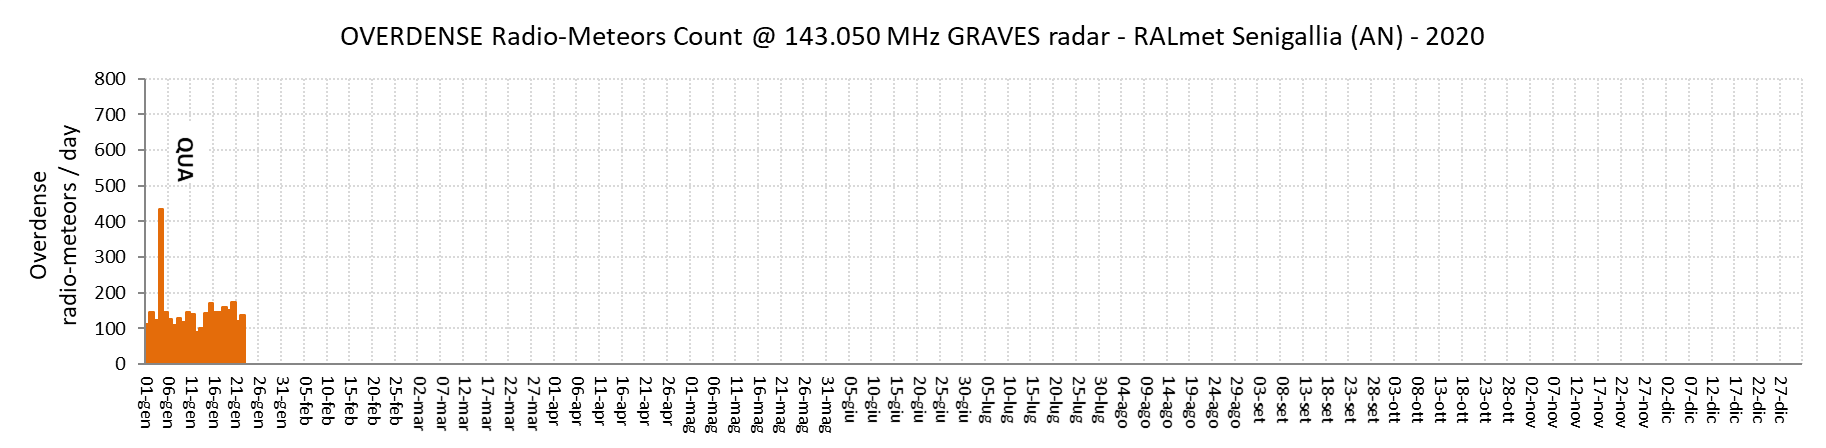 Numero giornaliero di radio-echi iperdensi (concentrazione elettronica lineare superiore a 2.4*10^14 elettroni/m, durata superiore a 0.5 secondi).